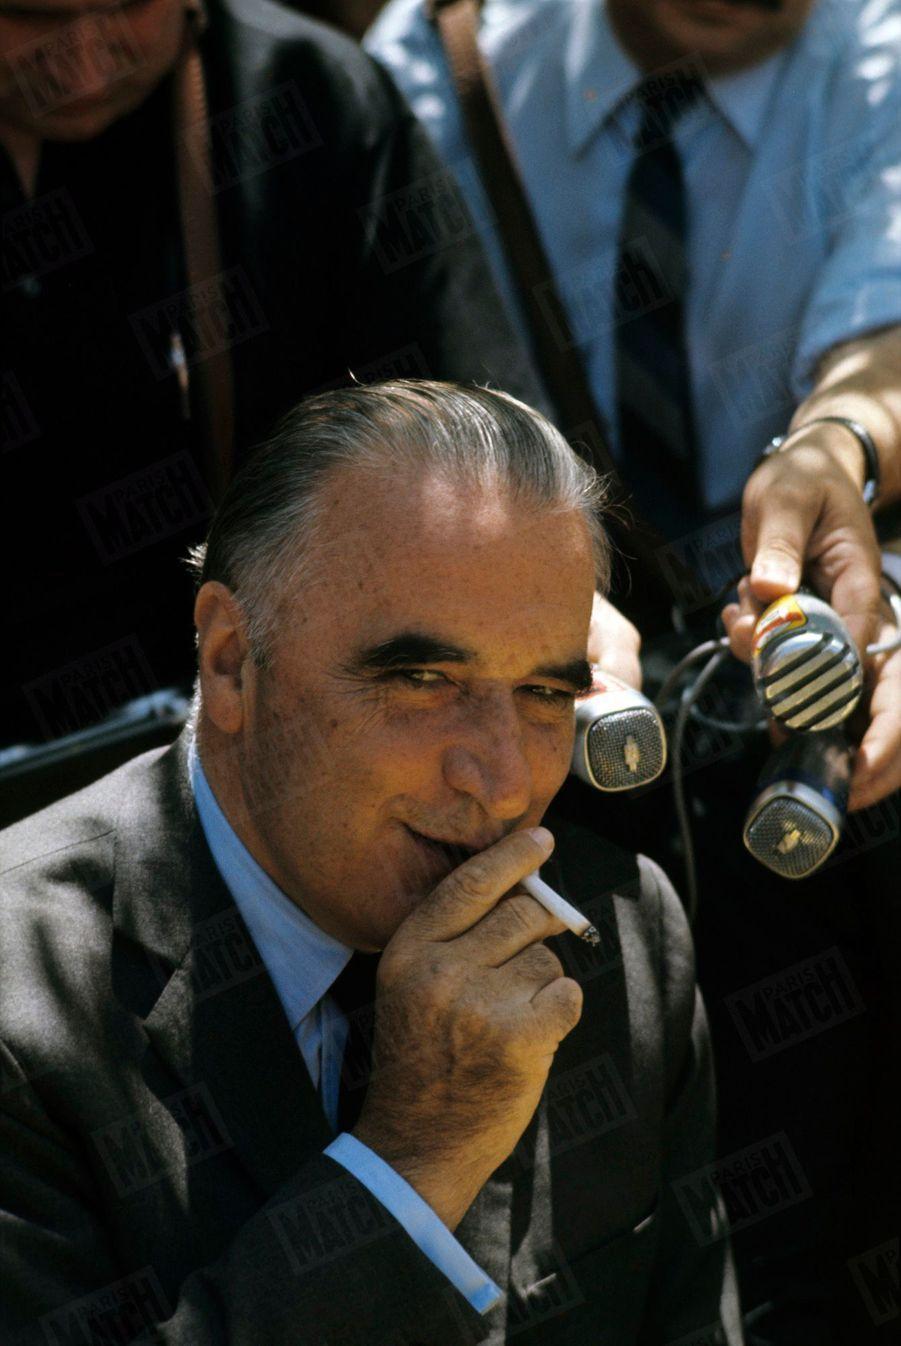 Le candidat Georges Pompidou en campagne lors de l'élection présidentielle en juin 1969.